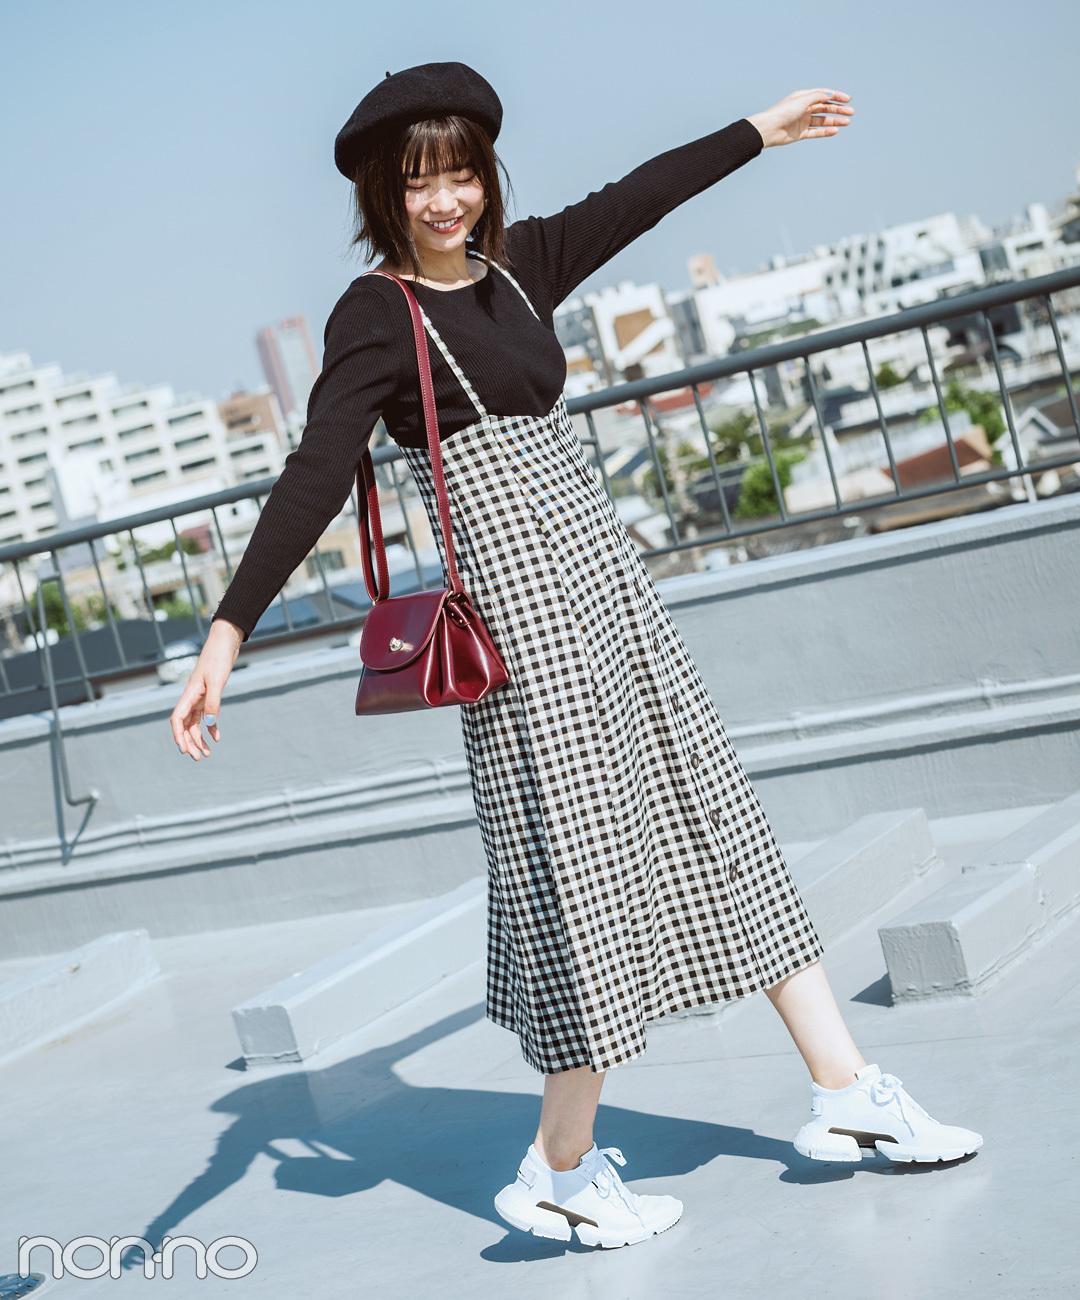 【白スニーカーコーデ】渡邉理佐は、厚みのあるスニーカーでレディなコーデをテイスト変換!